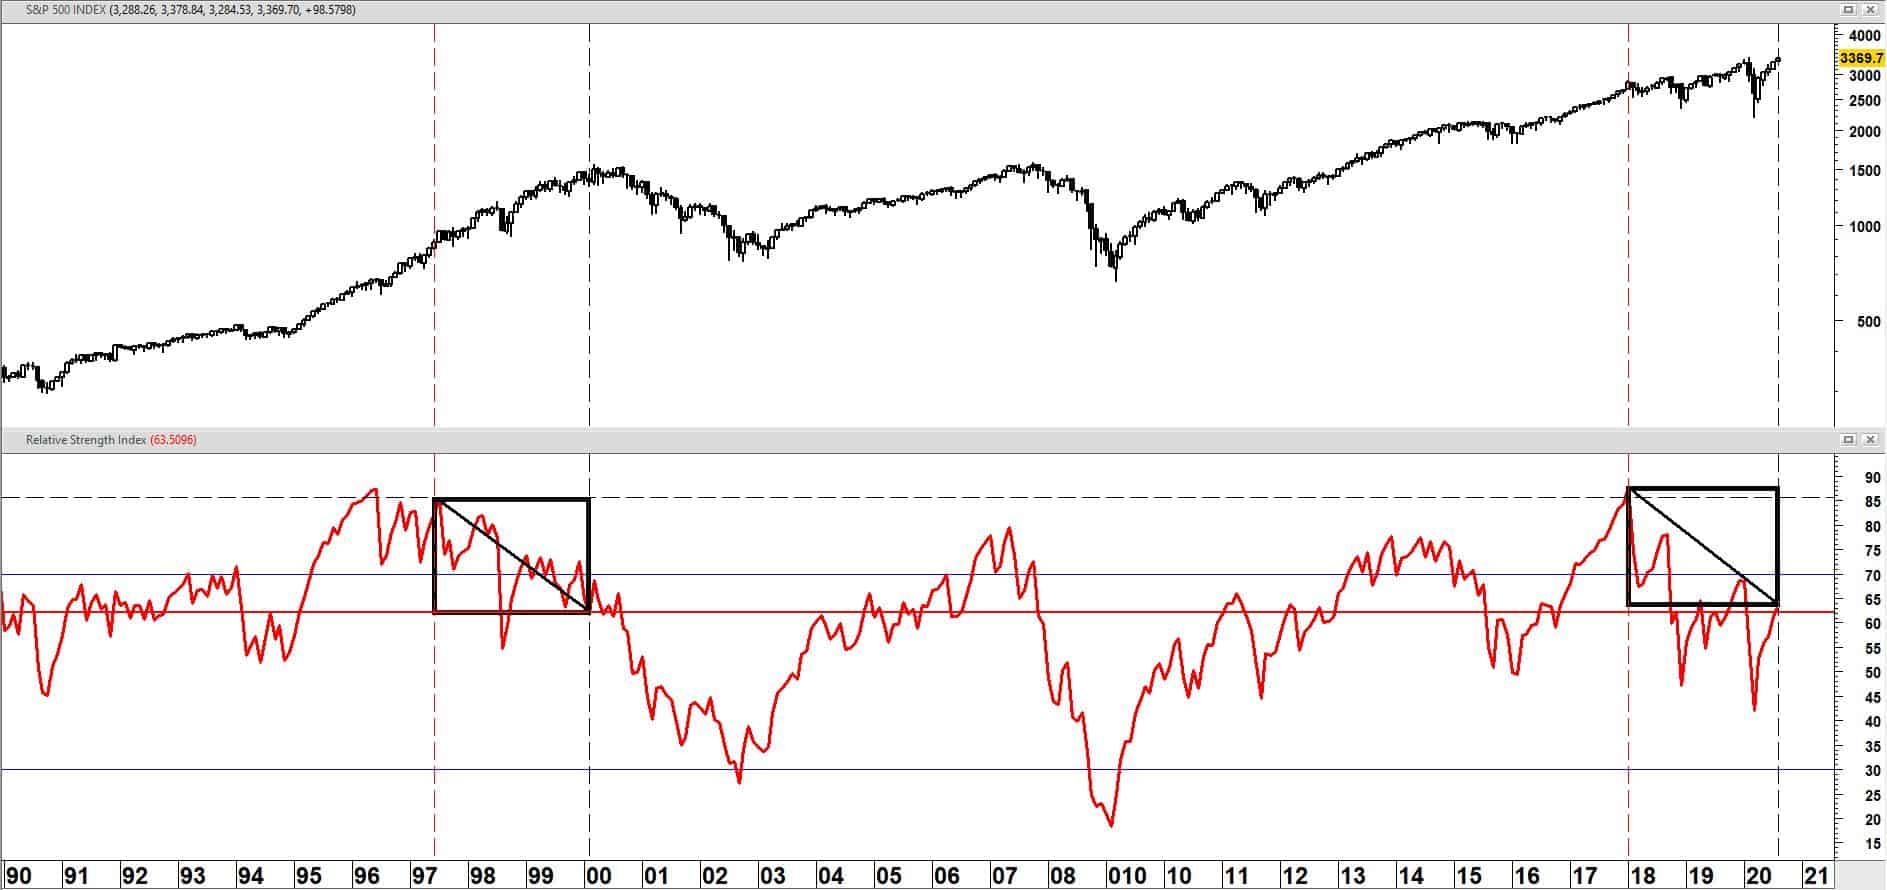 S&P 500 index op maandbasis + relatieve sterkte index